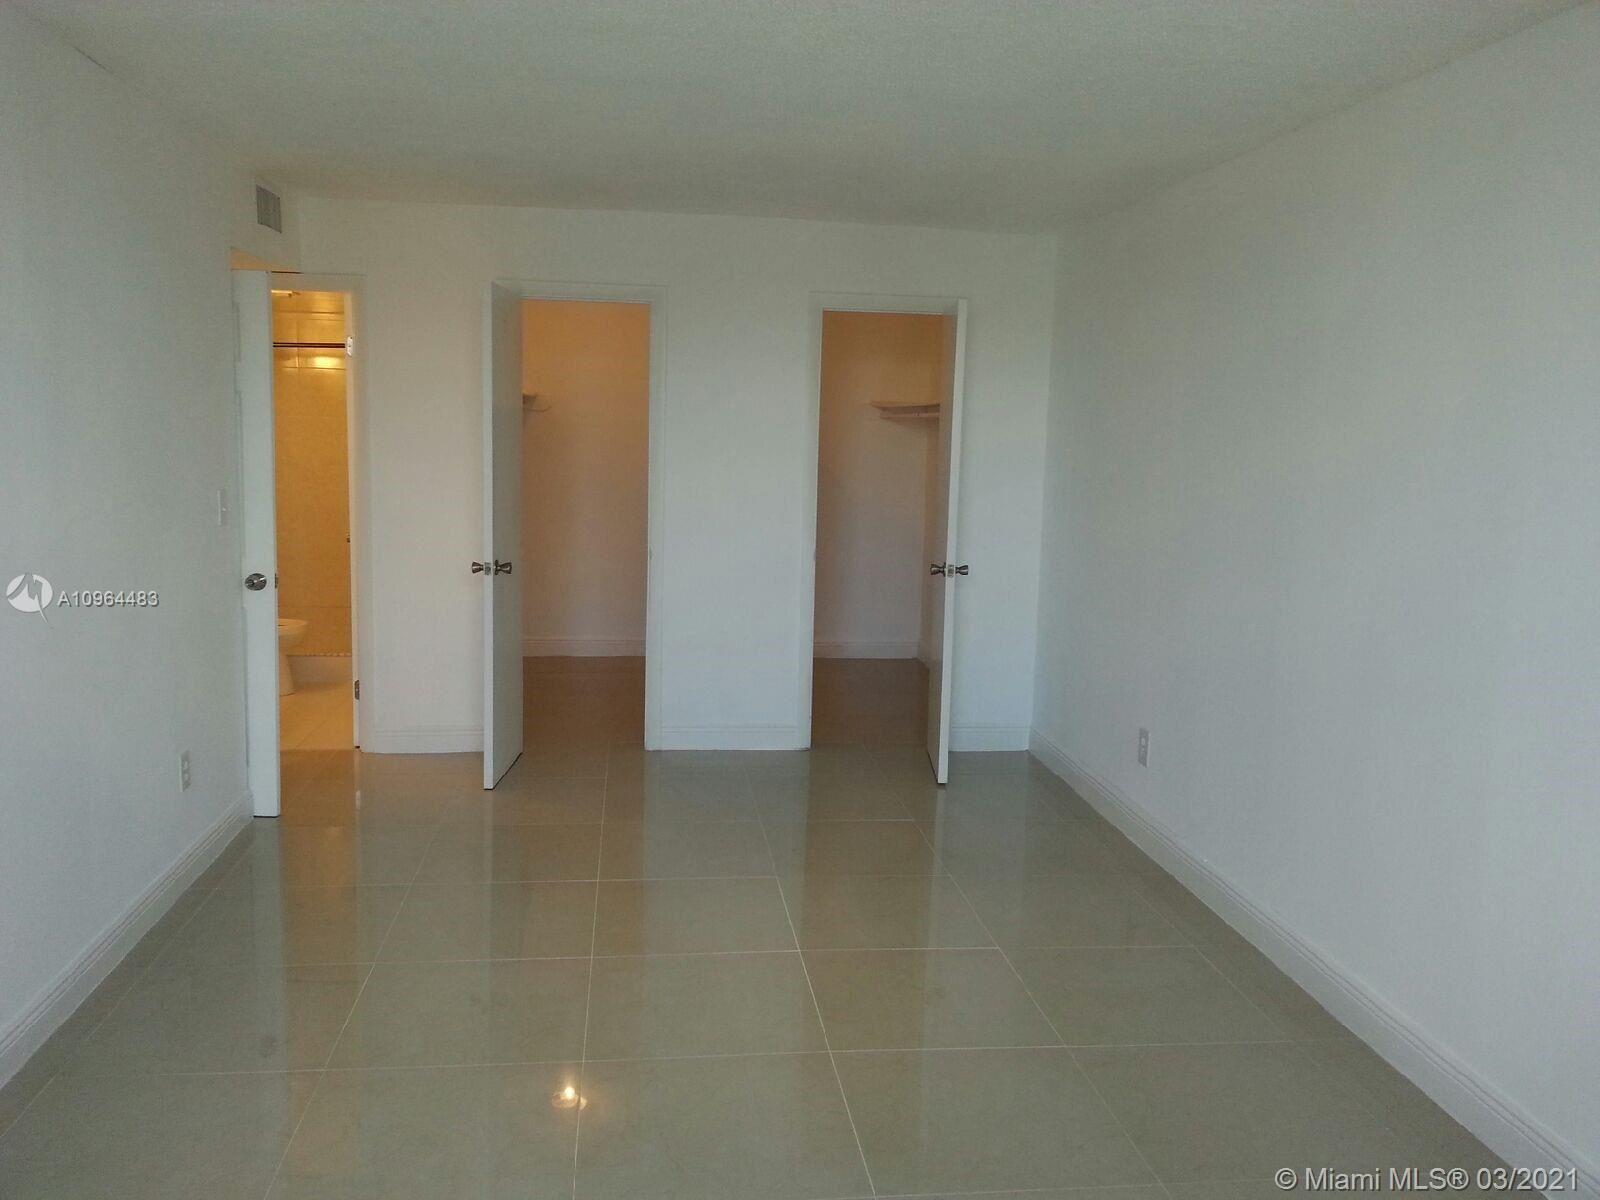 488 NW 165th St Rd #B-309, Miami, FL 33169 - #: A10964483